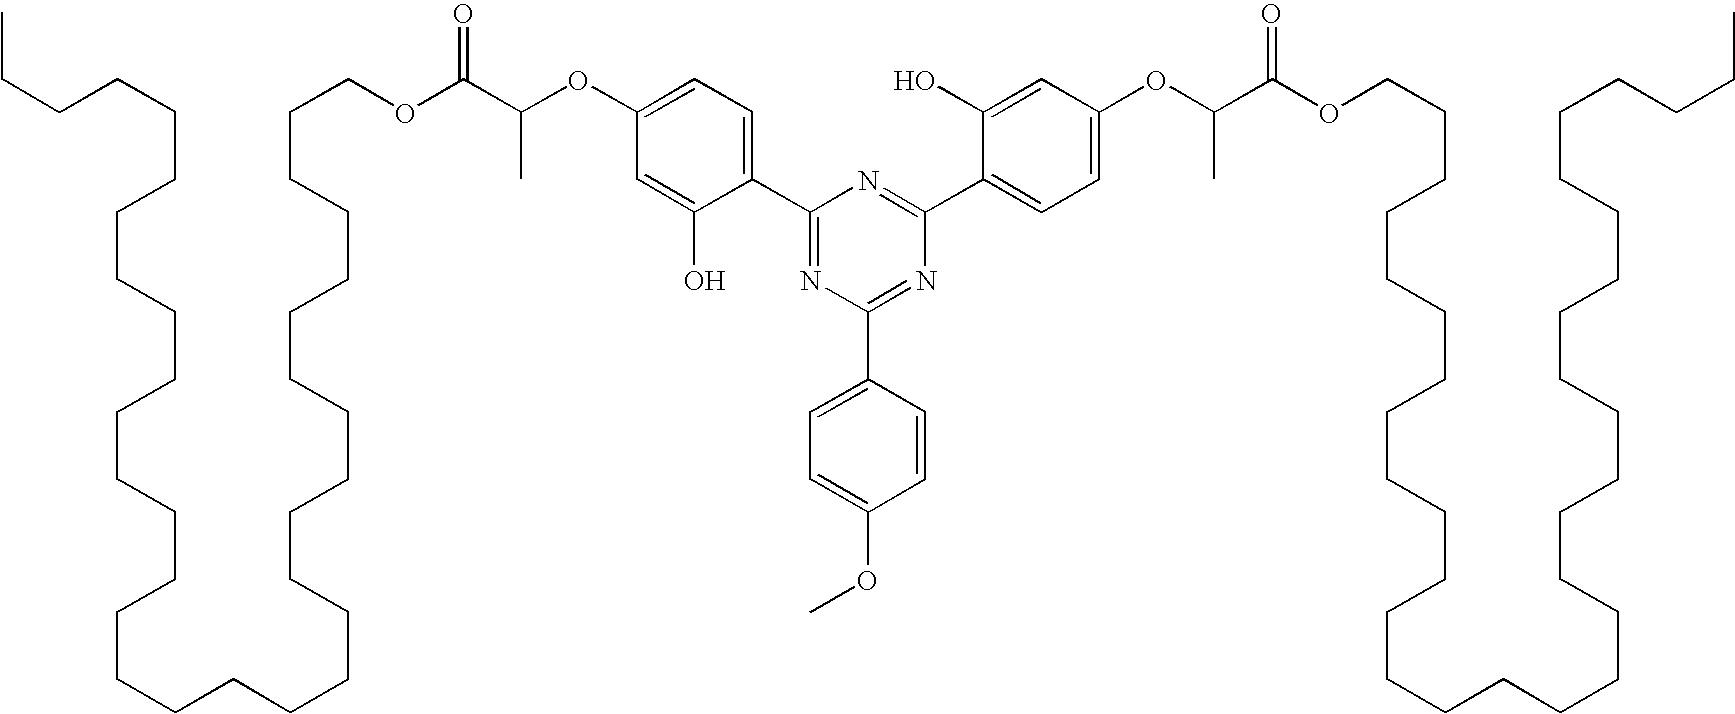 Figure US07294714-20071113-C00020